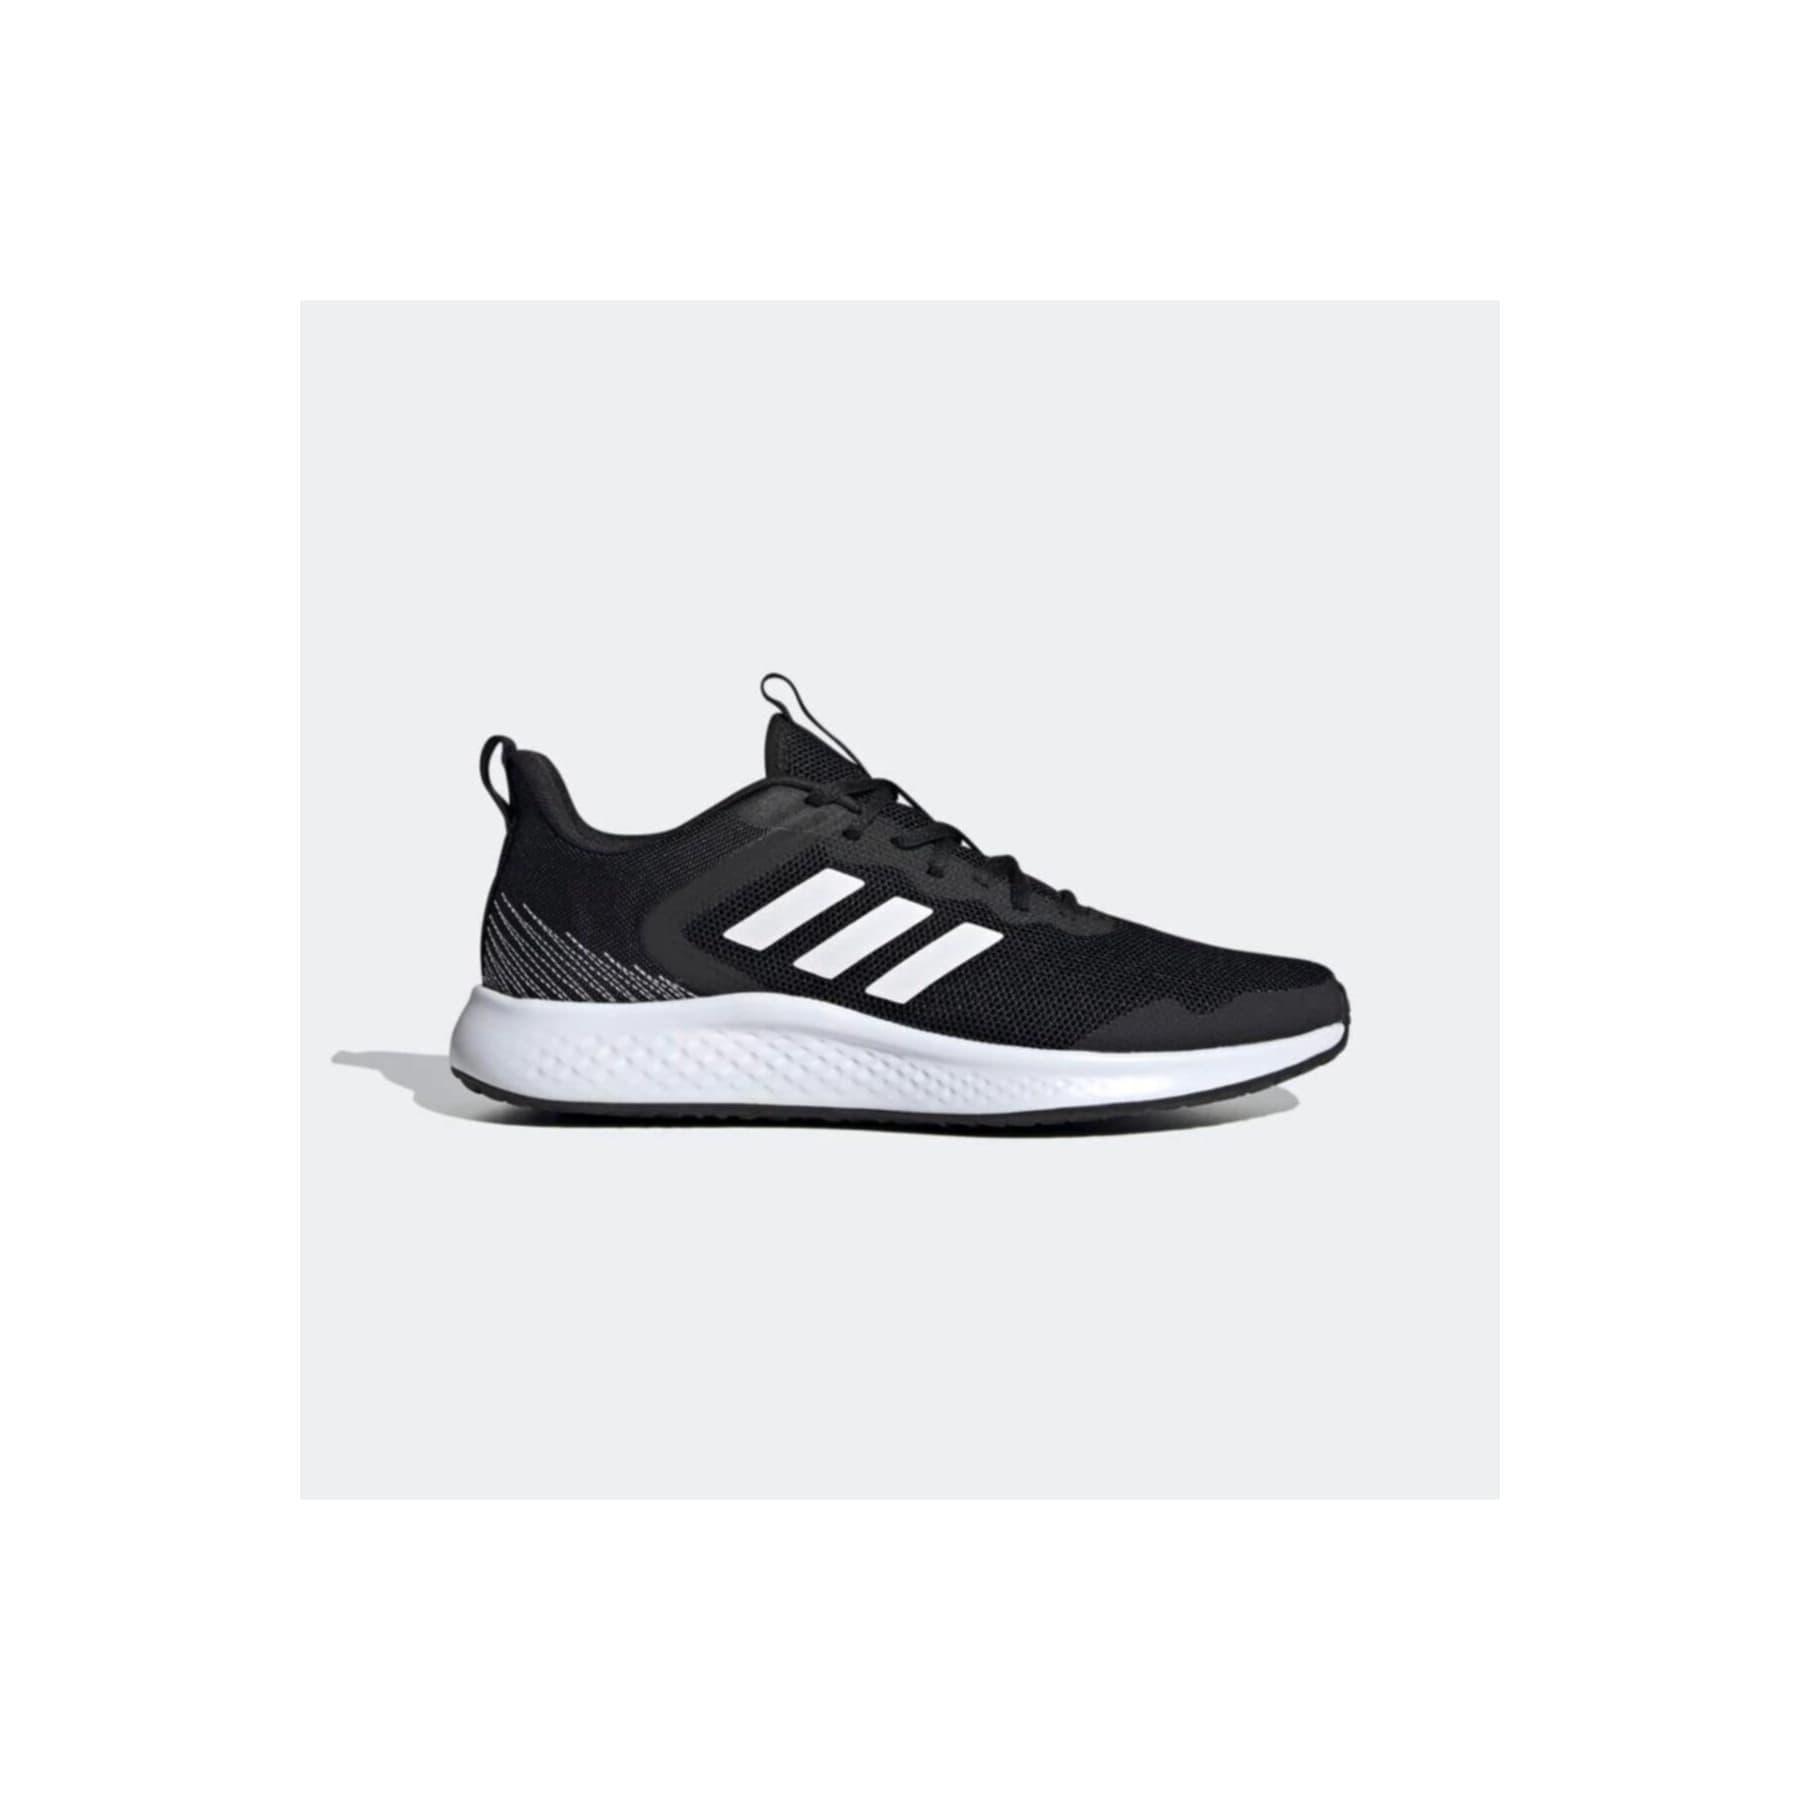 Fluidstreet Erkek Siyah Koşu Ayakkabısı (FW1703)